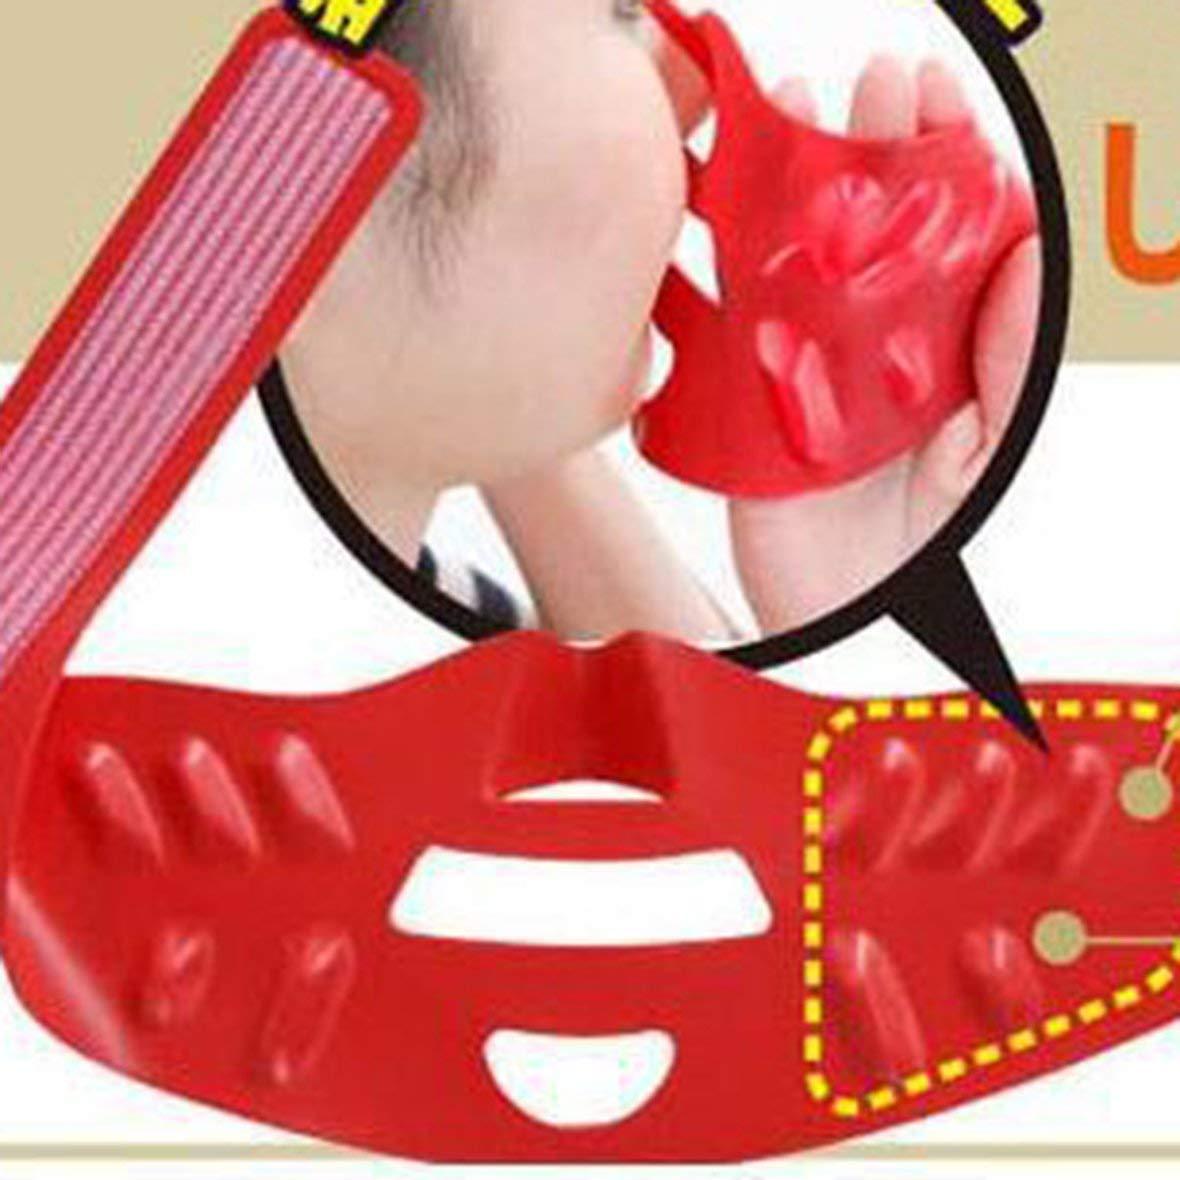 Heaviesk Silicone Visage Minceur Masque Visage Menton Bande De Levage Soins De La Peau Levage Enveloppe V Forme Double Mentonni/ère Ceintures De Serrage